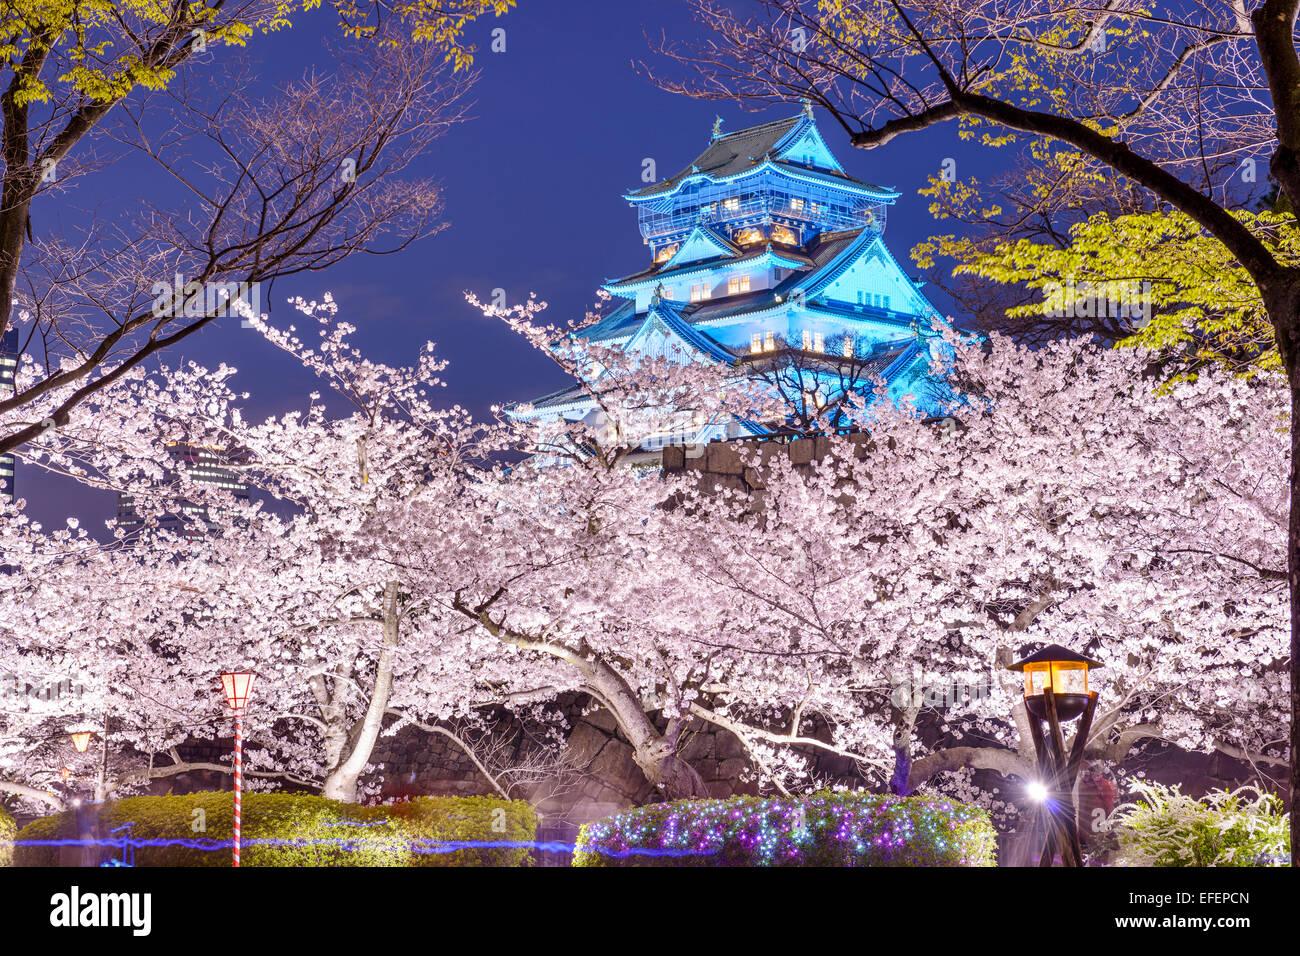 Osaka, Japón, en Osaka, el castillo con sus cerezos en flor. Imagen De Stock